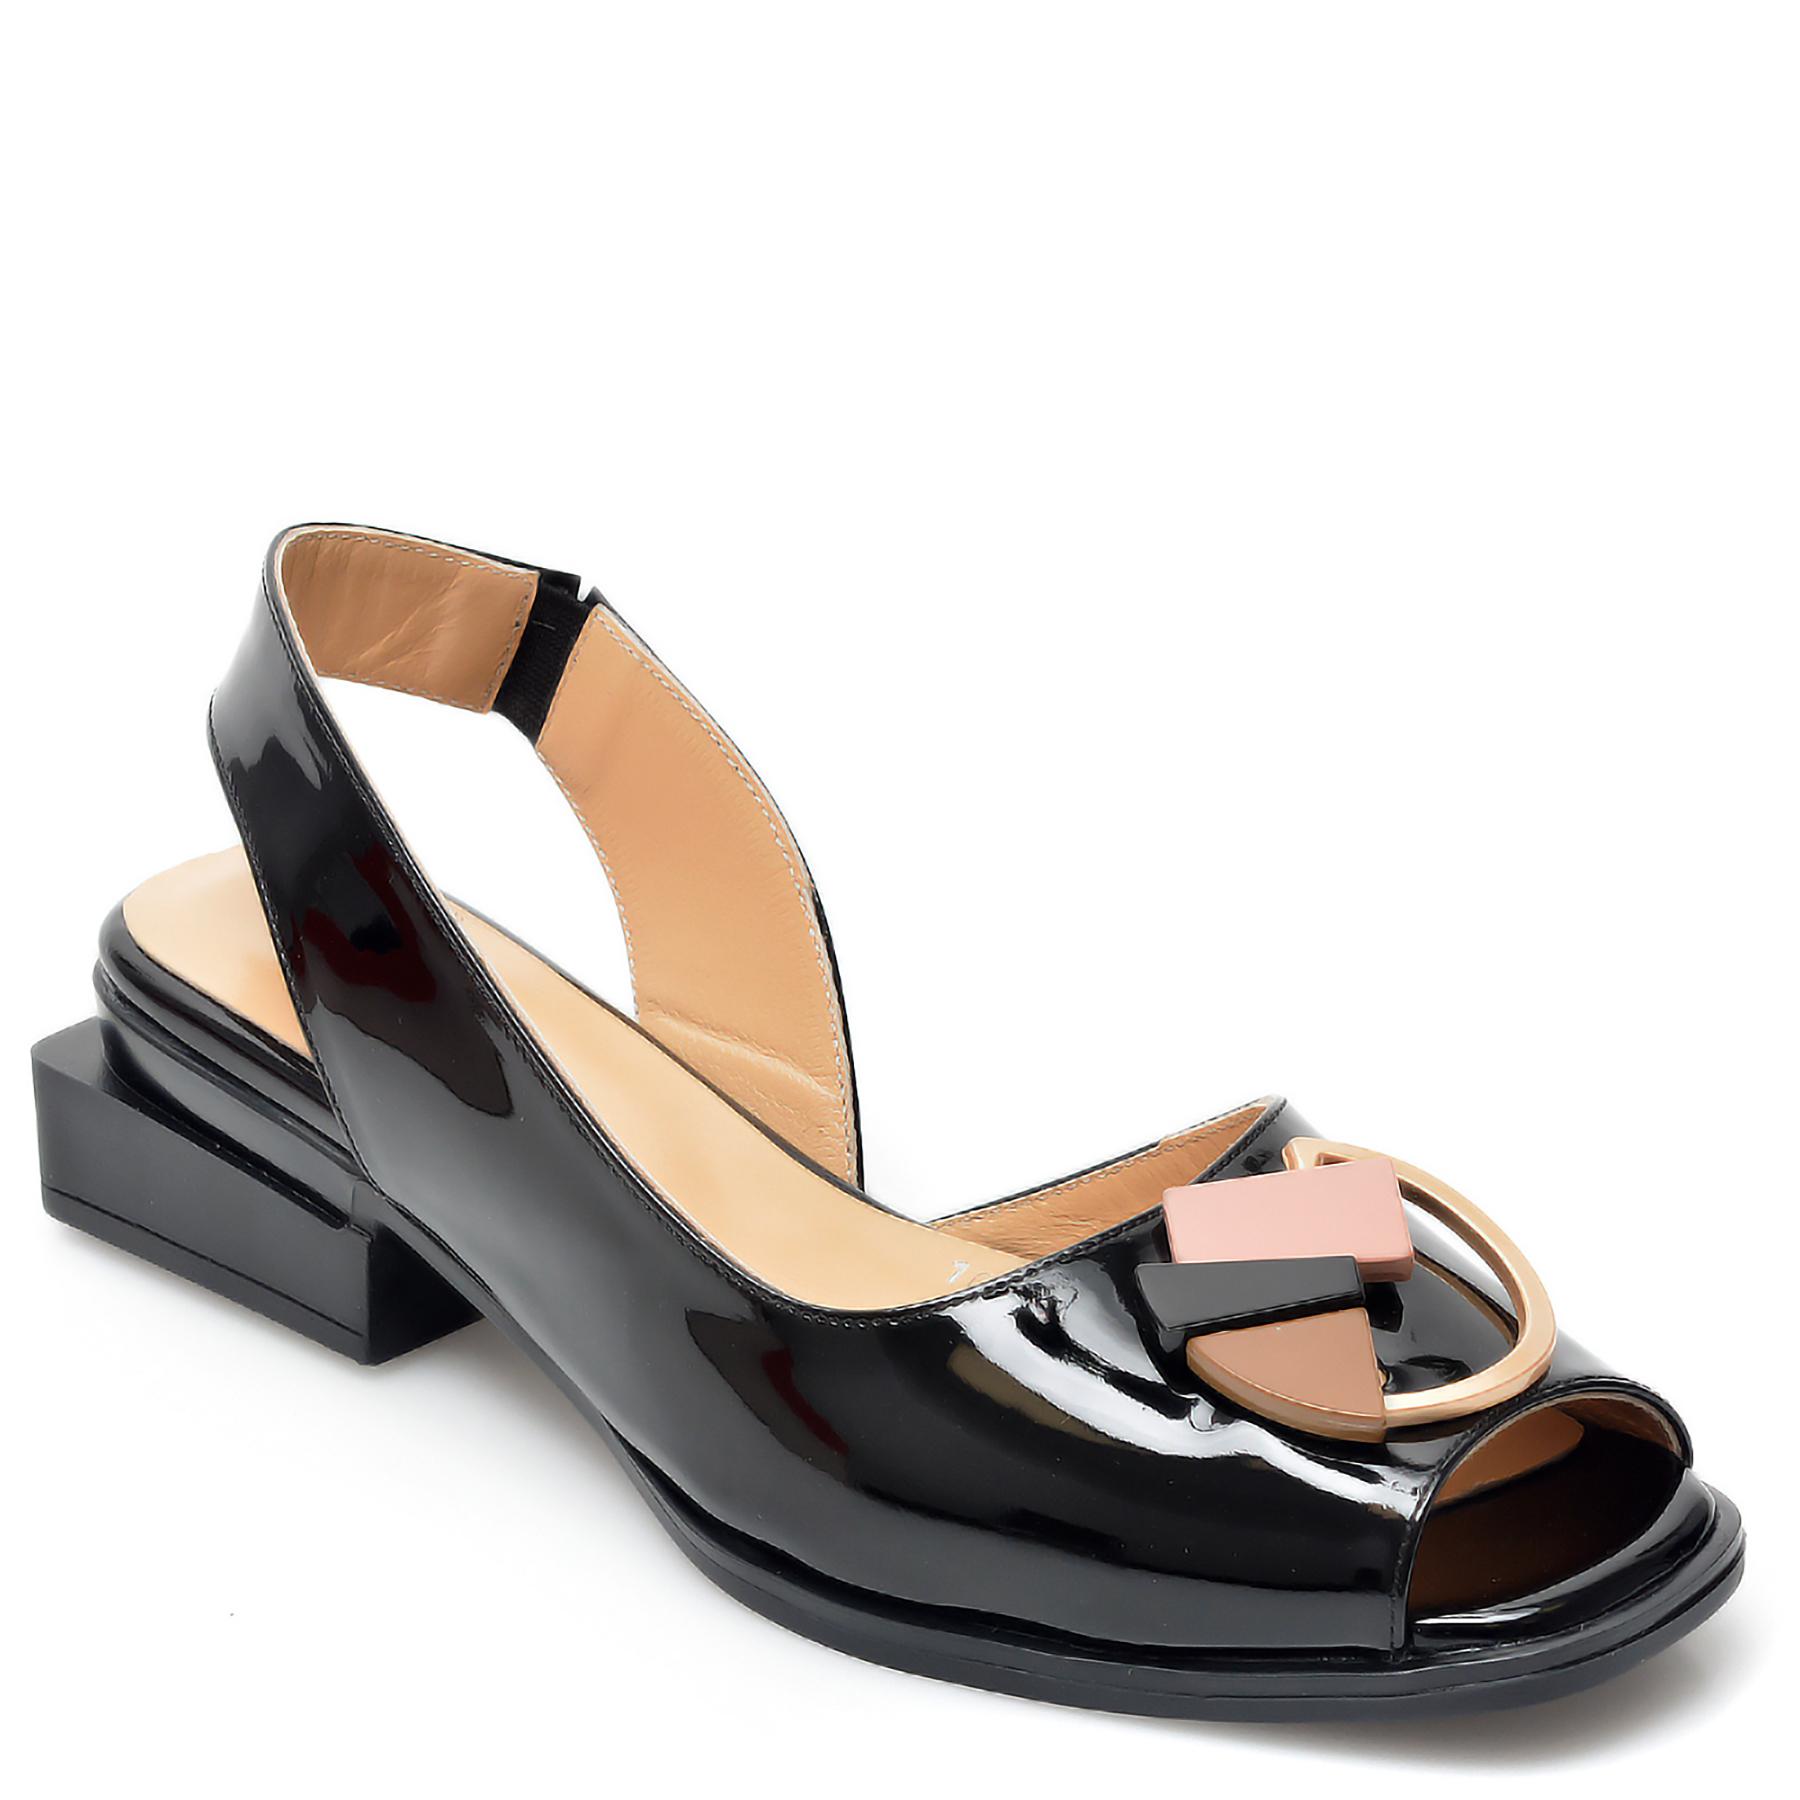 Sandale EPICA negre, 661082, din piele naturala lacuita imagine otter.ro 2021